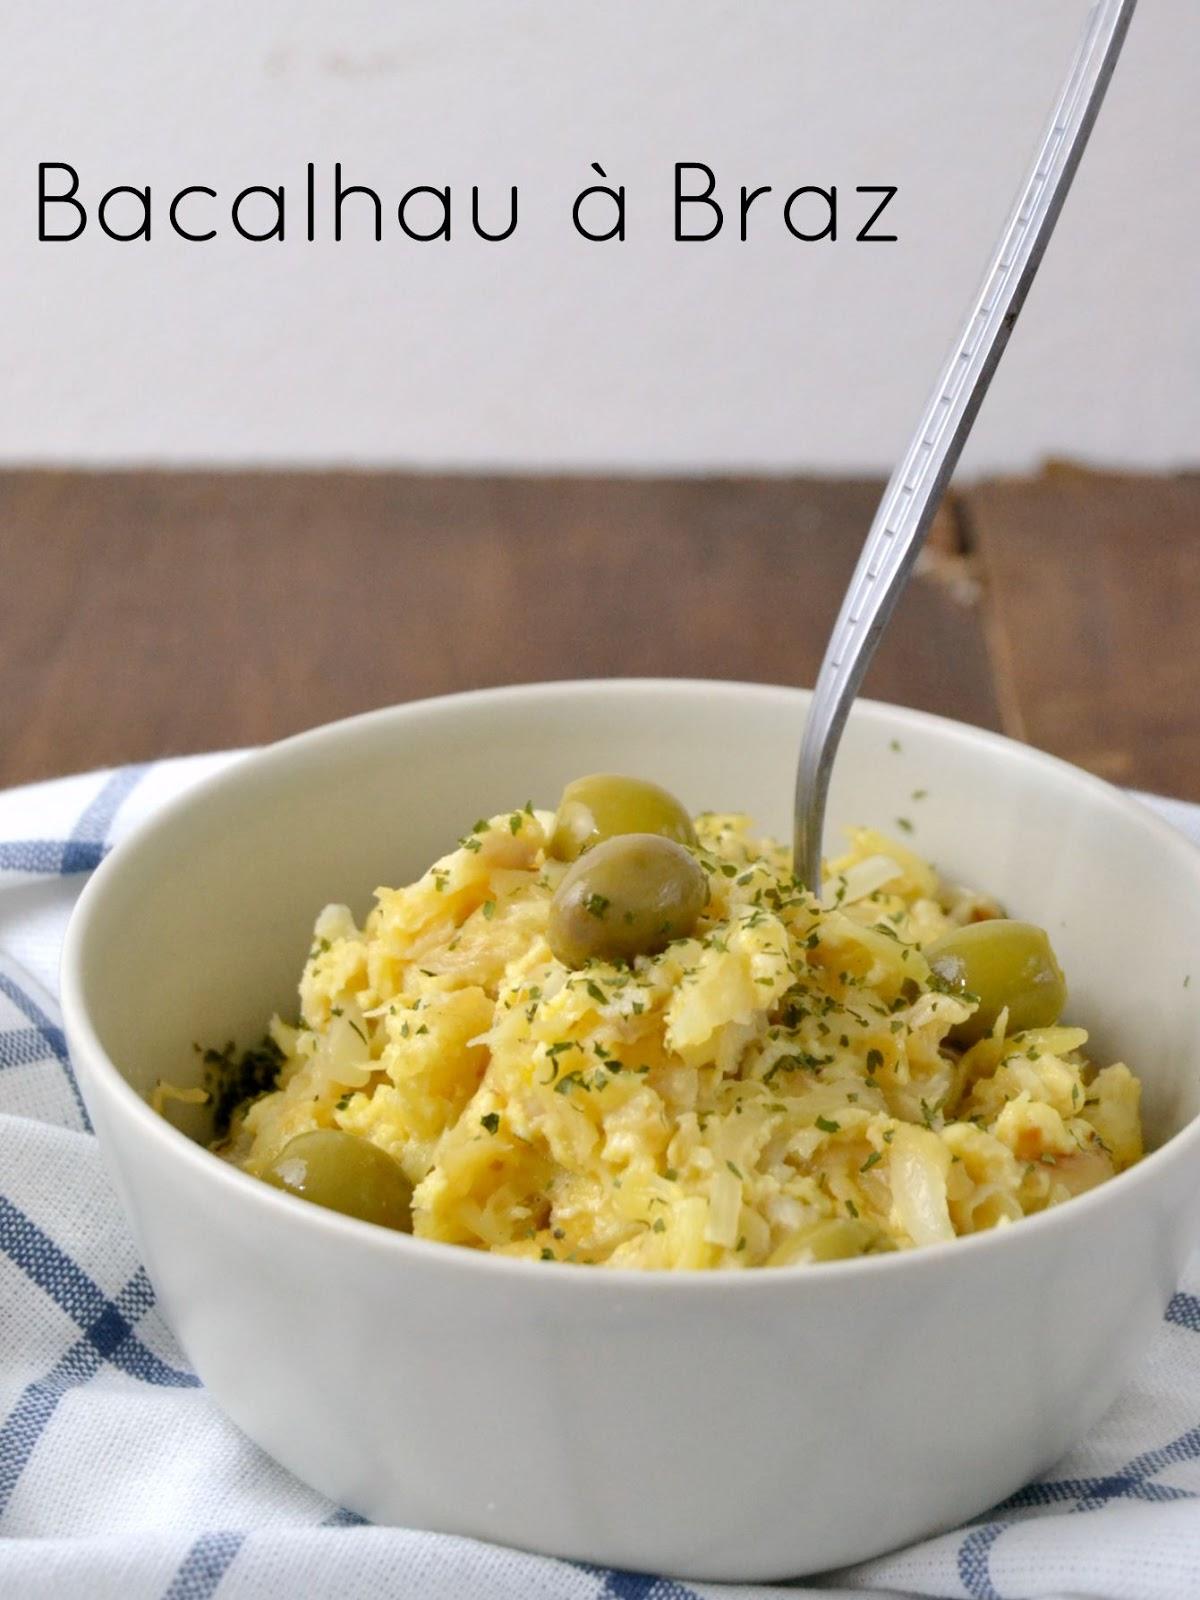 Cocina Portuguesa Recetas | Bacalhau A Braz Receta Portuguesa Cuuking Recetas De Cocina